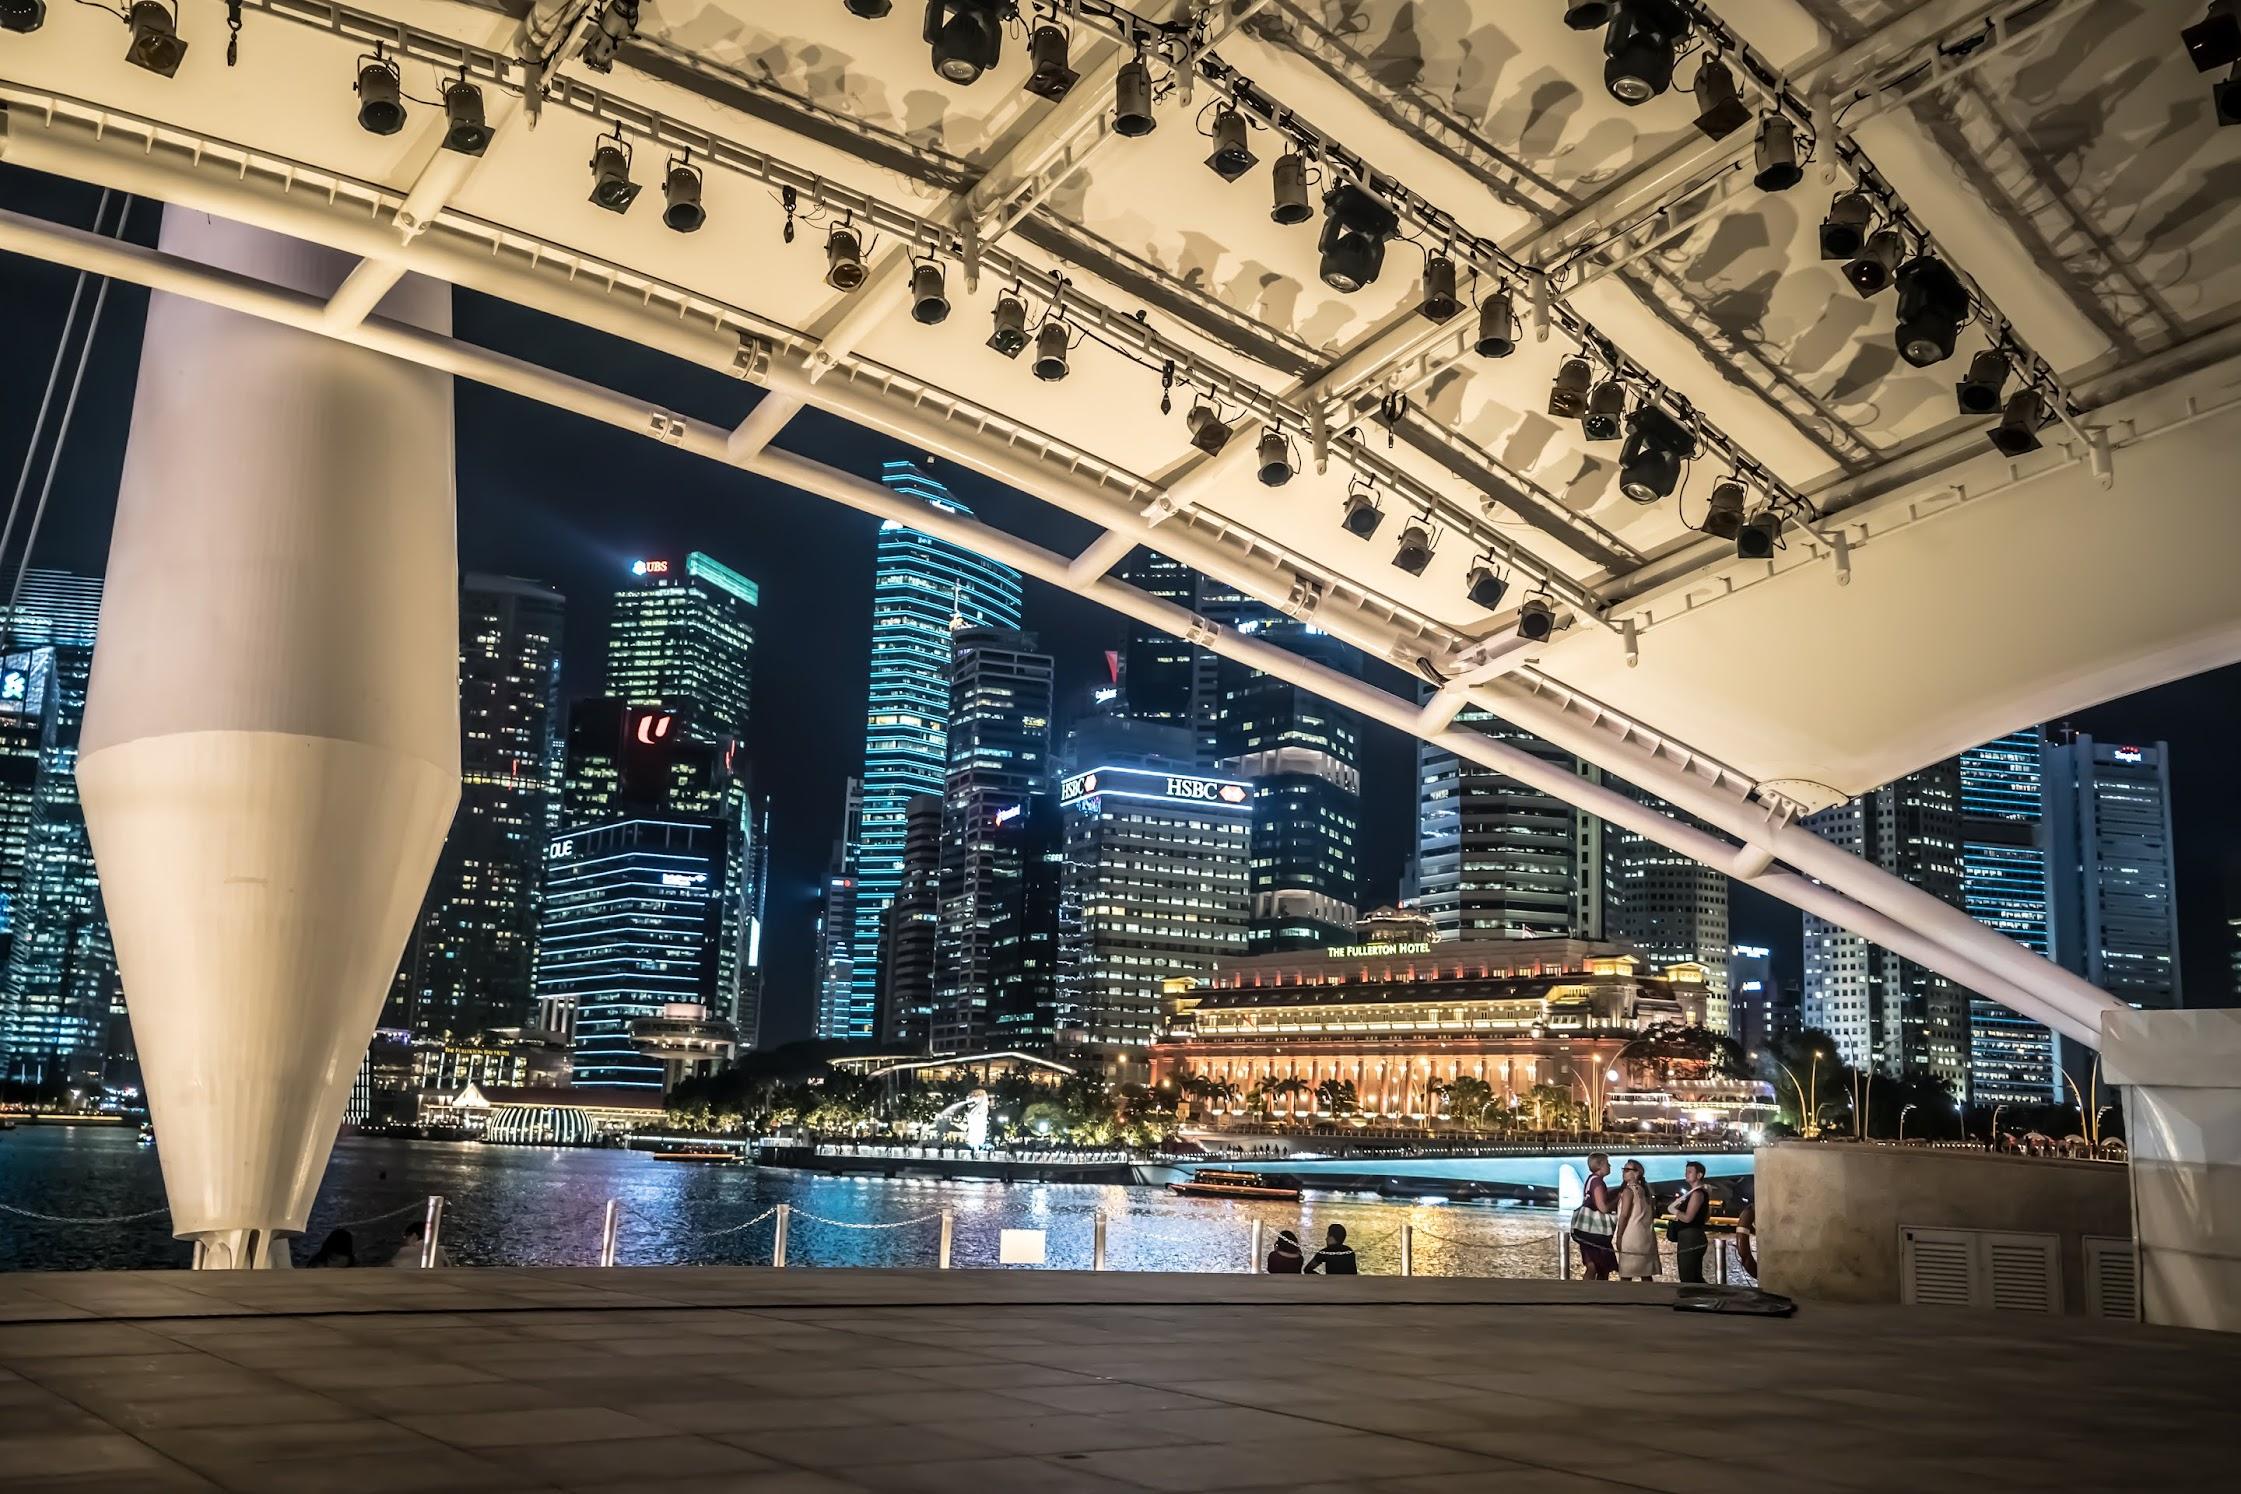 シンガポール エスプラネード (Esplanade) 夜3